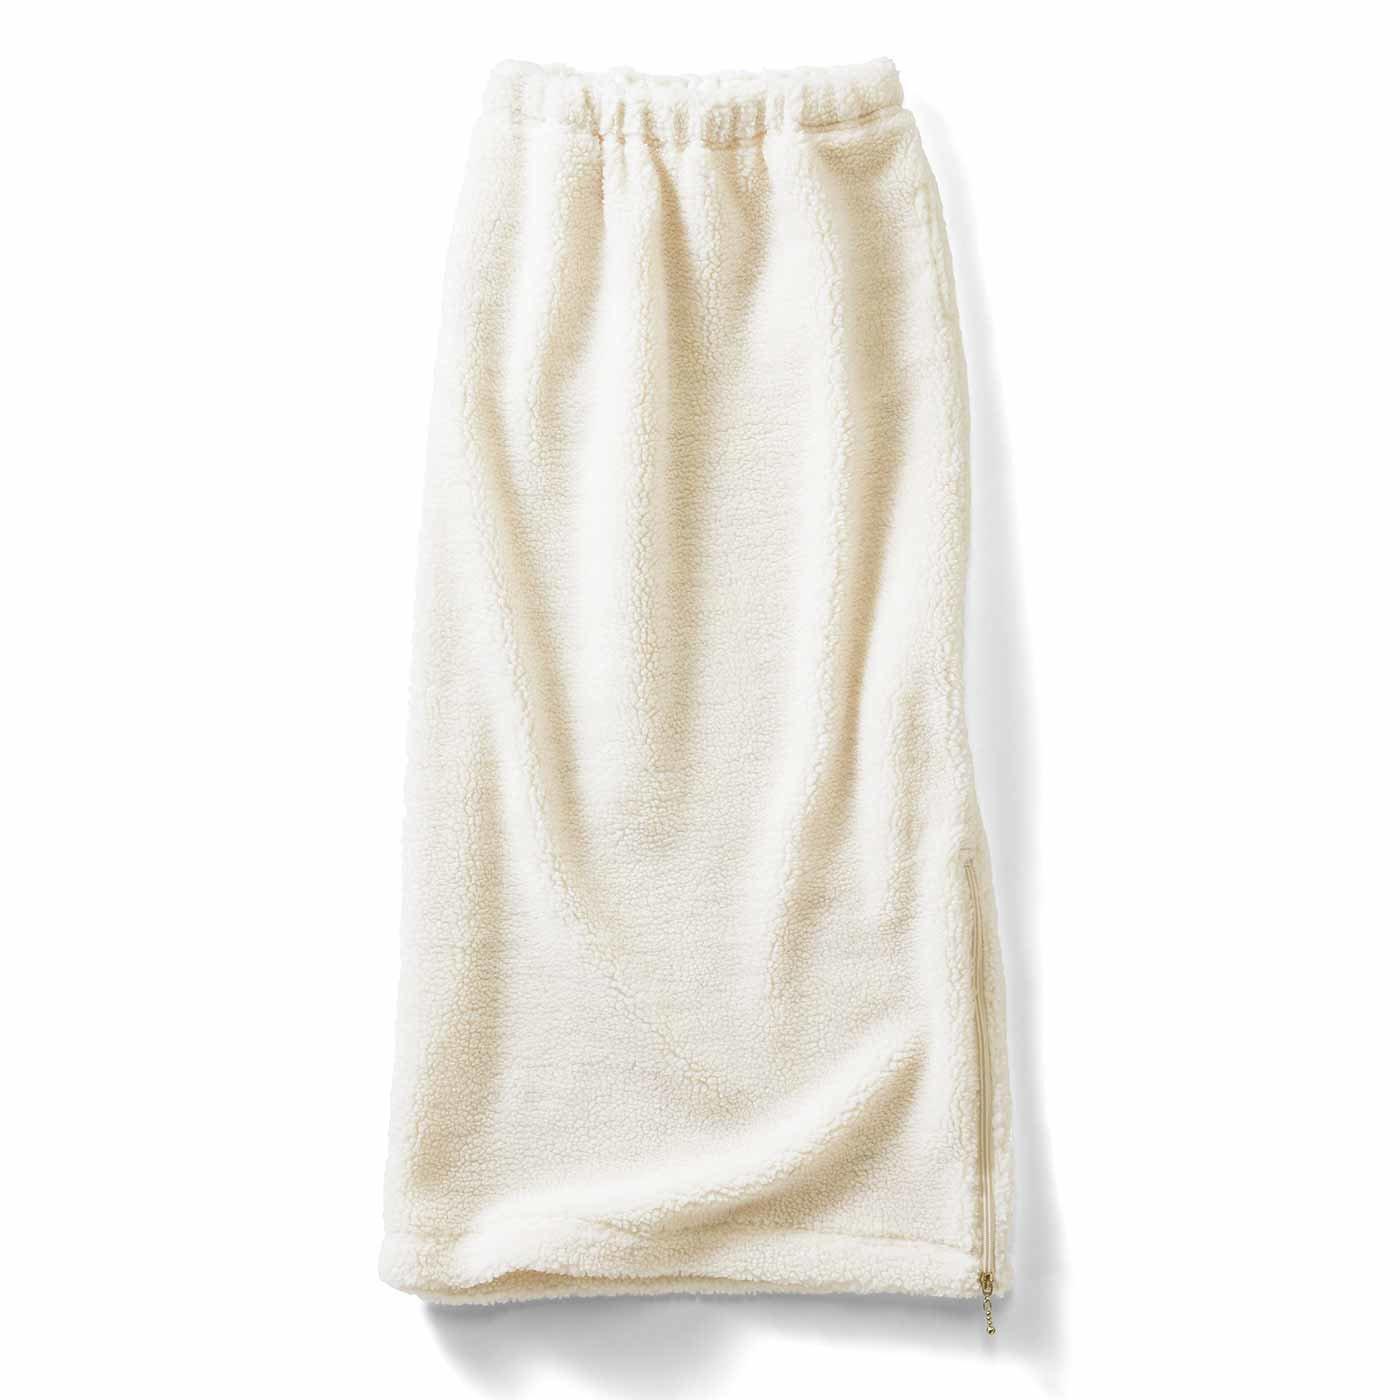 【イラストレーターきくちあつこさんコラボ】IEDIT[イディット] ファスナー遣いのアイラインボアスカート〈アイボリー〉